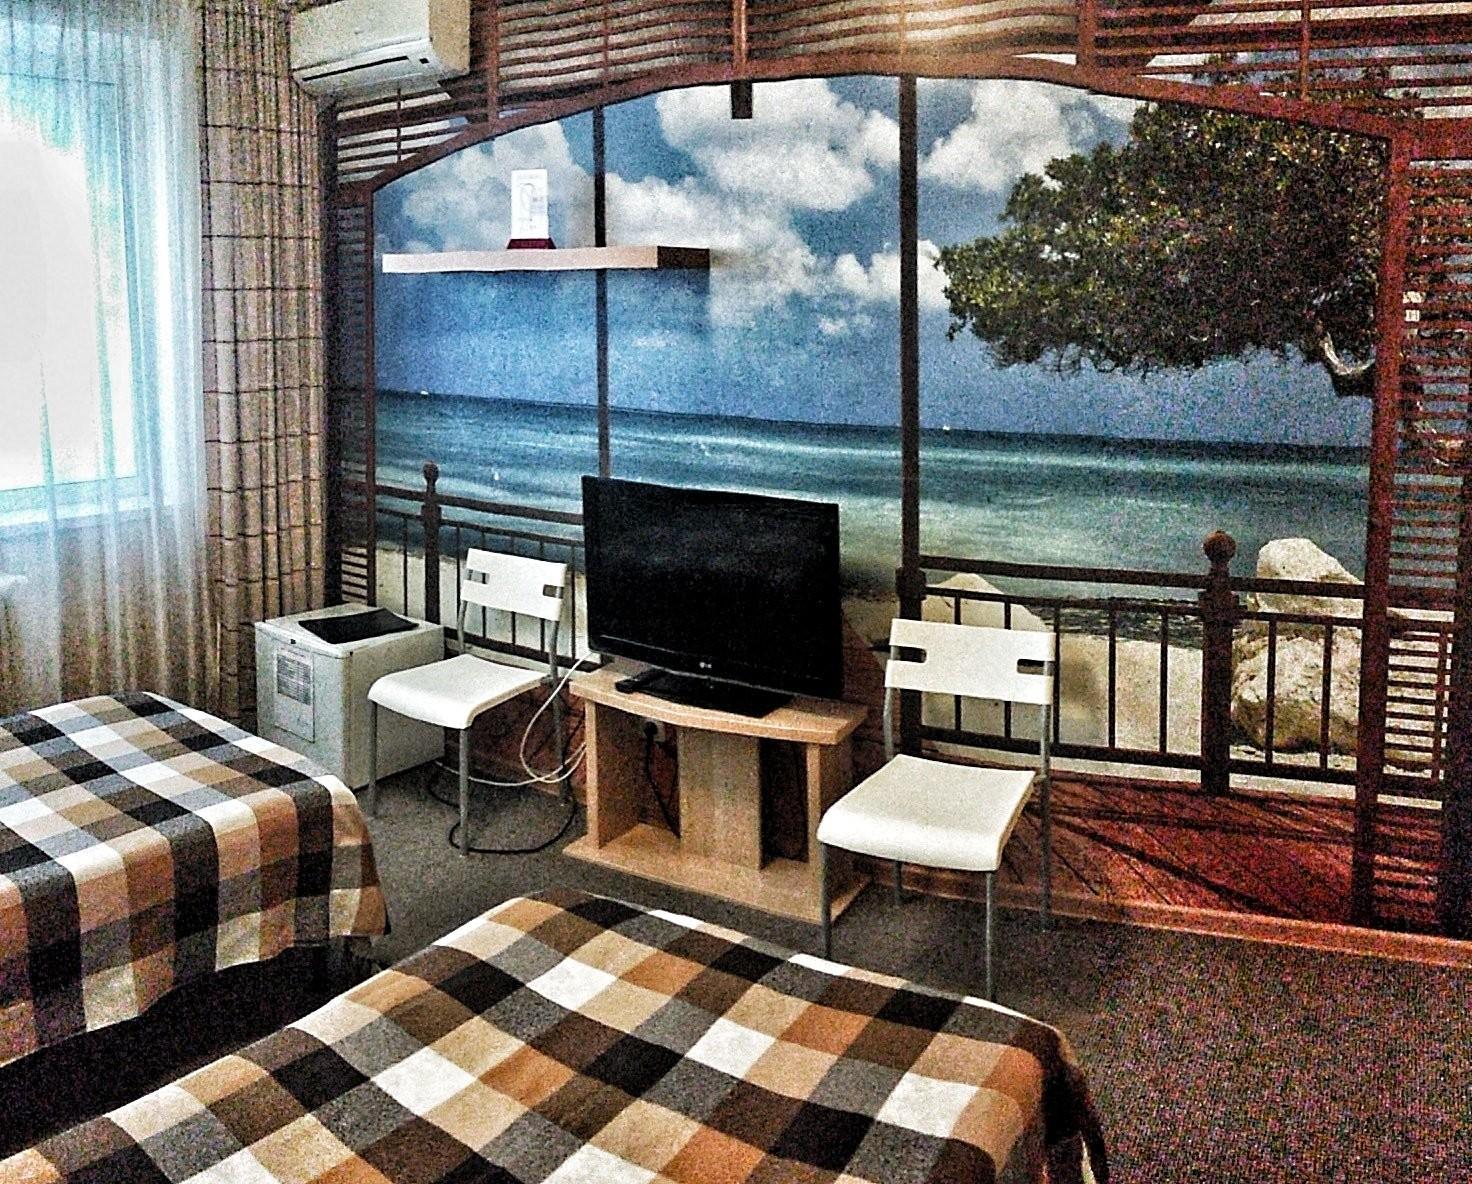 Мальта, гостиничный комплекс - №11